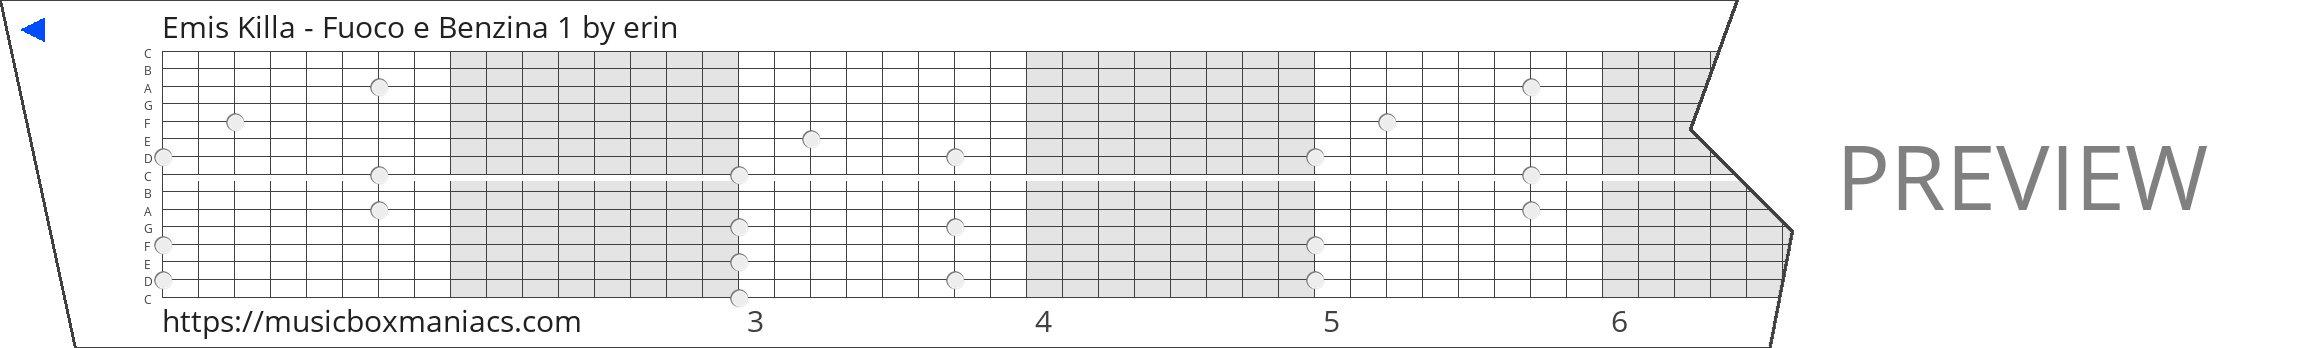 Emis Killa - Fuoco e Benzina 1 15 note music box paper strip